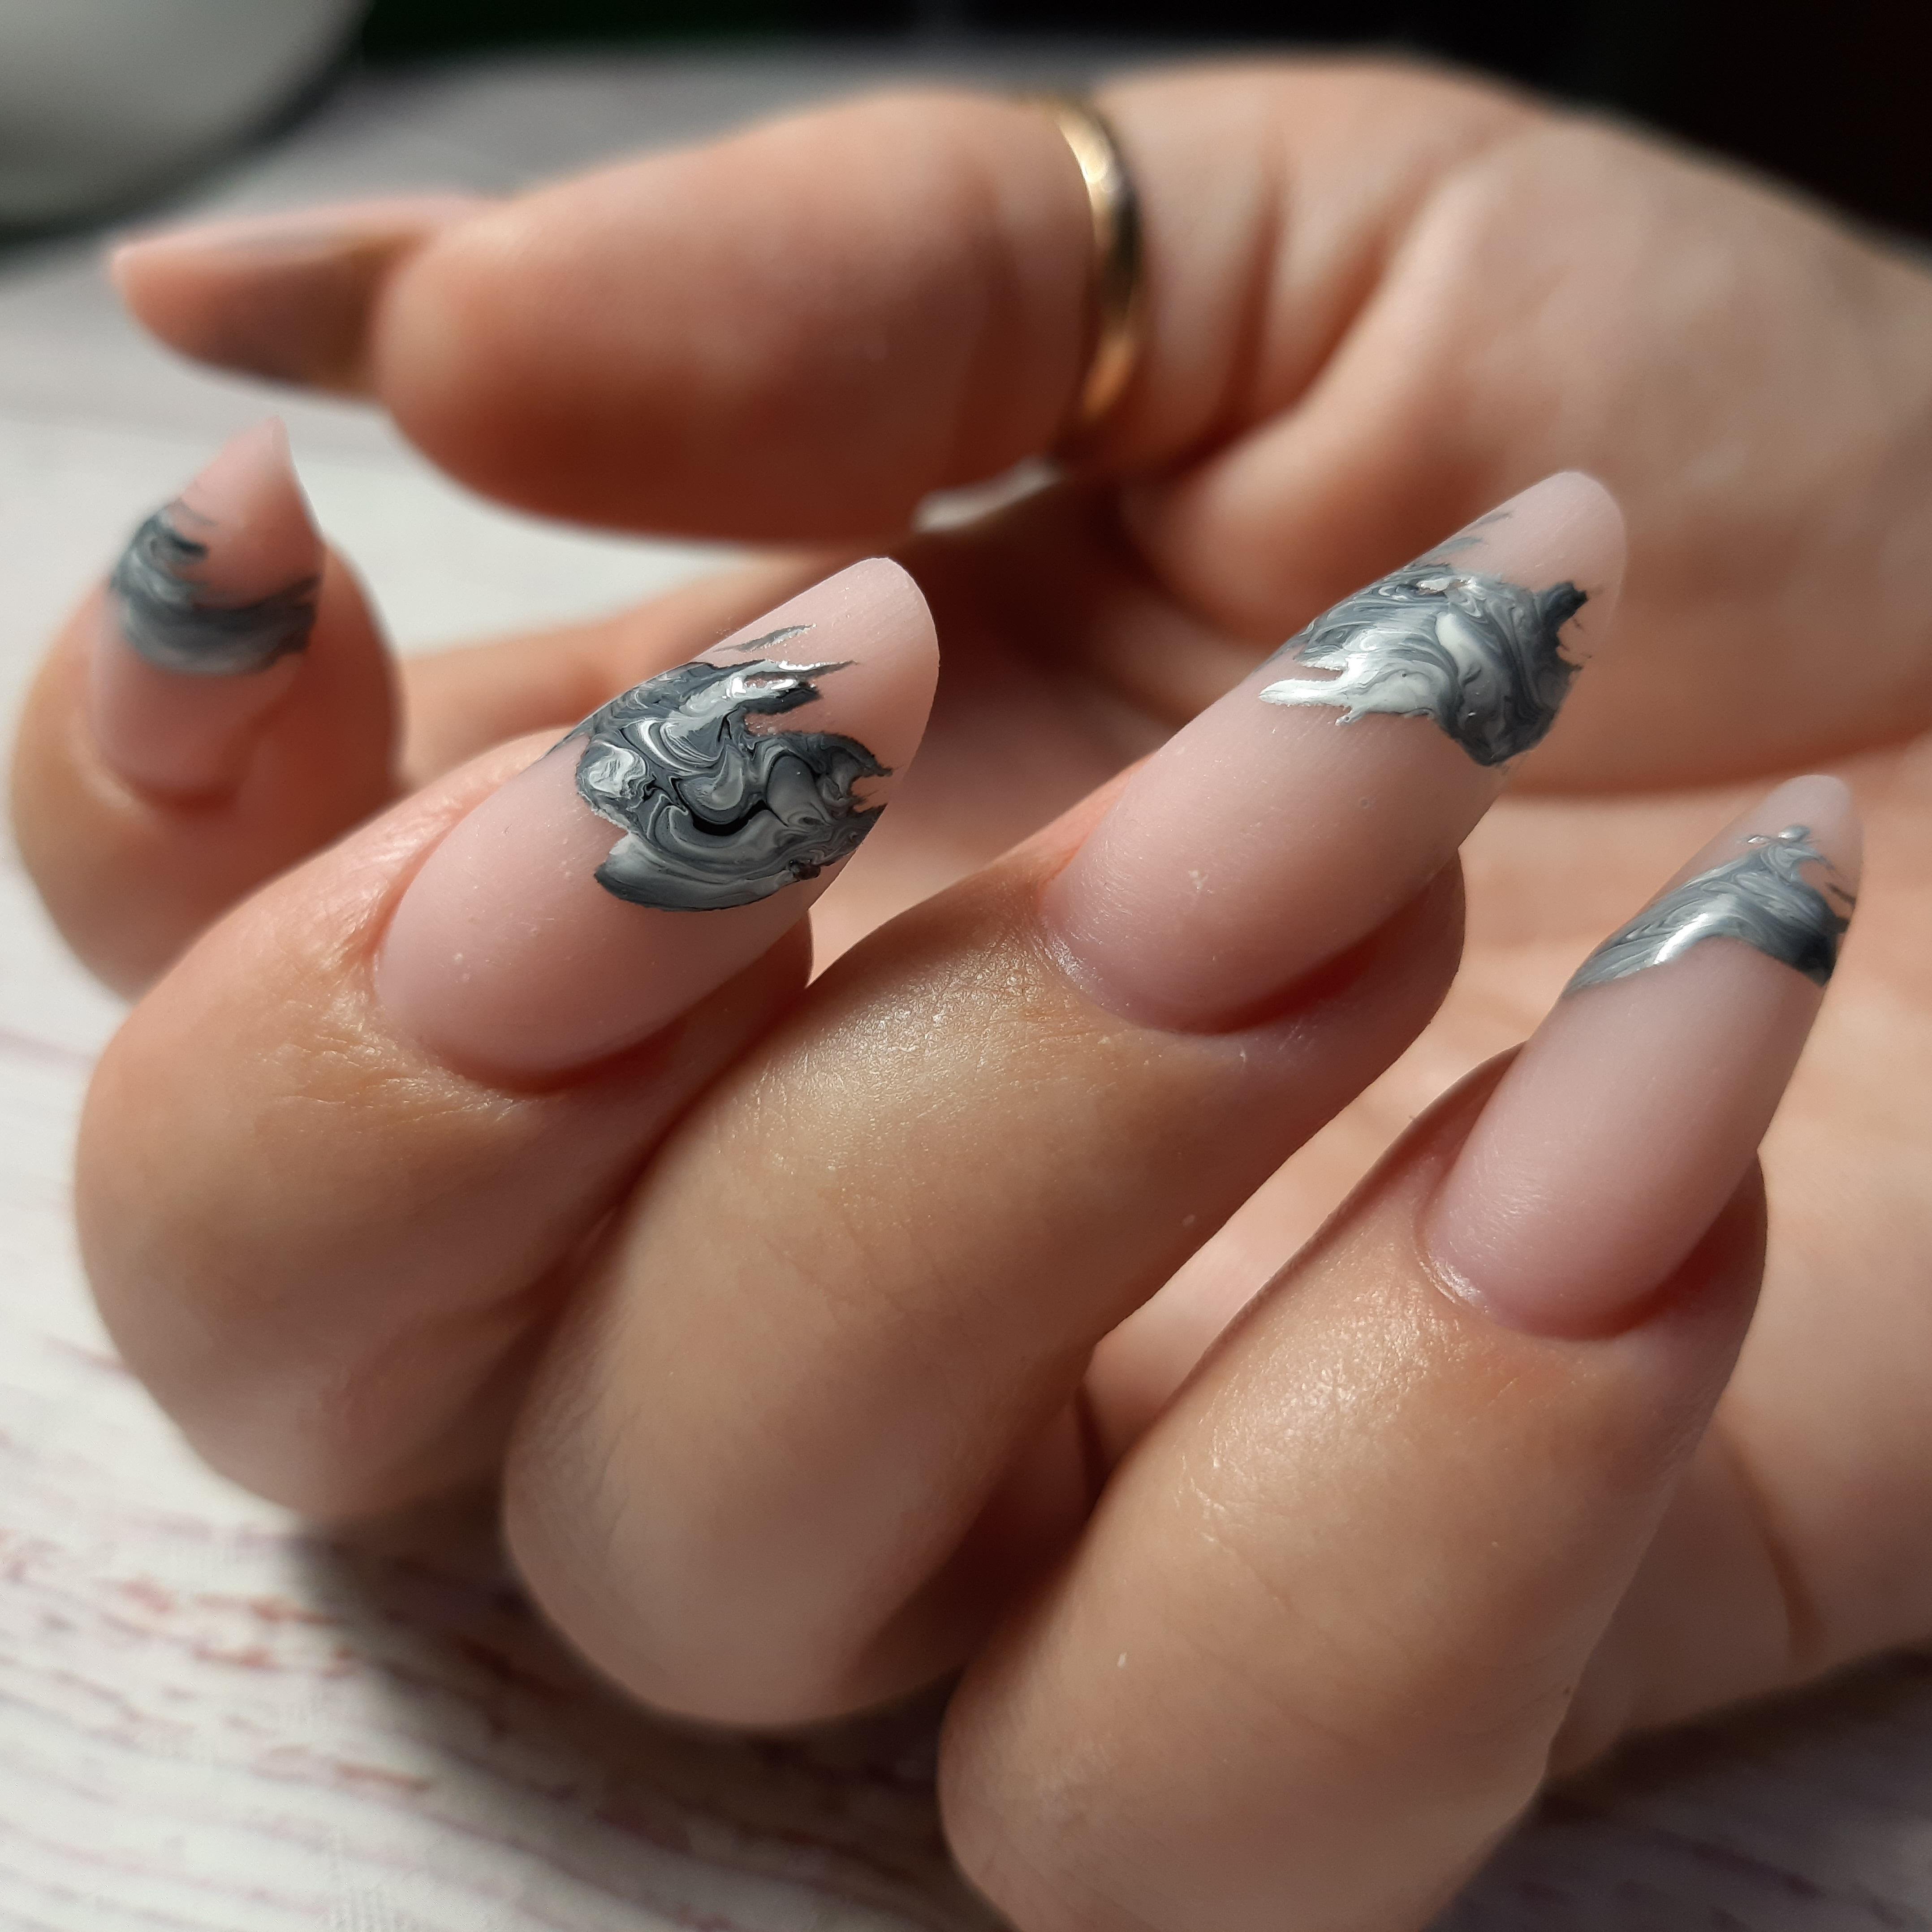 Матовый нюдовый маникюр с абстрактным рисунком на длинные ногти.